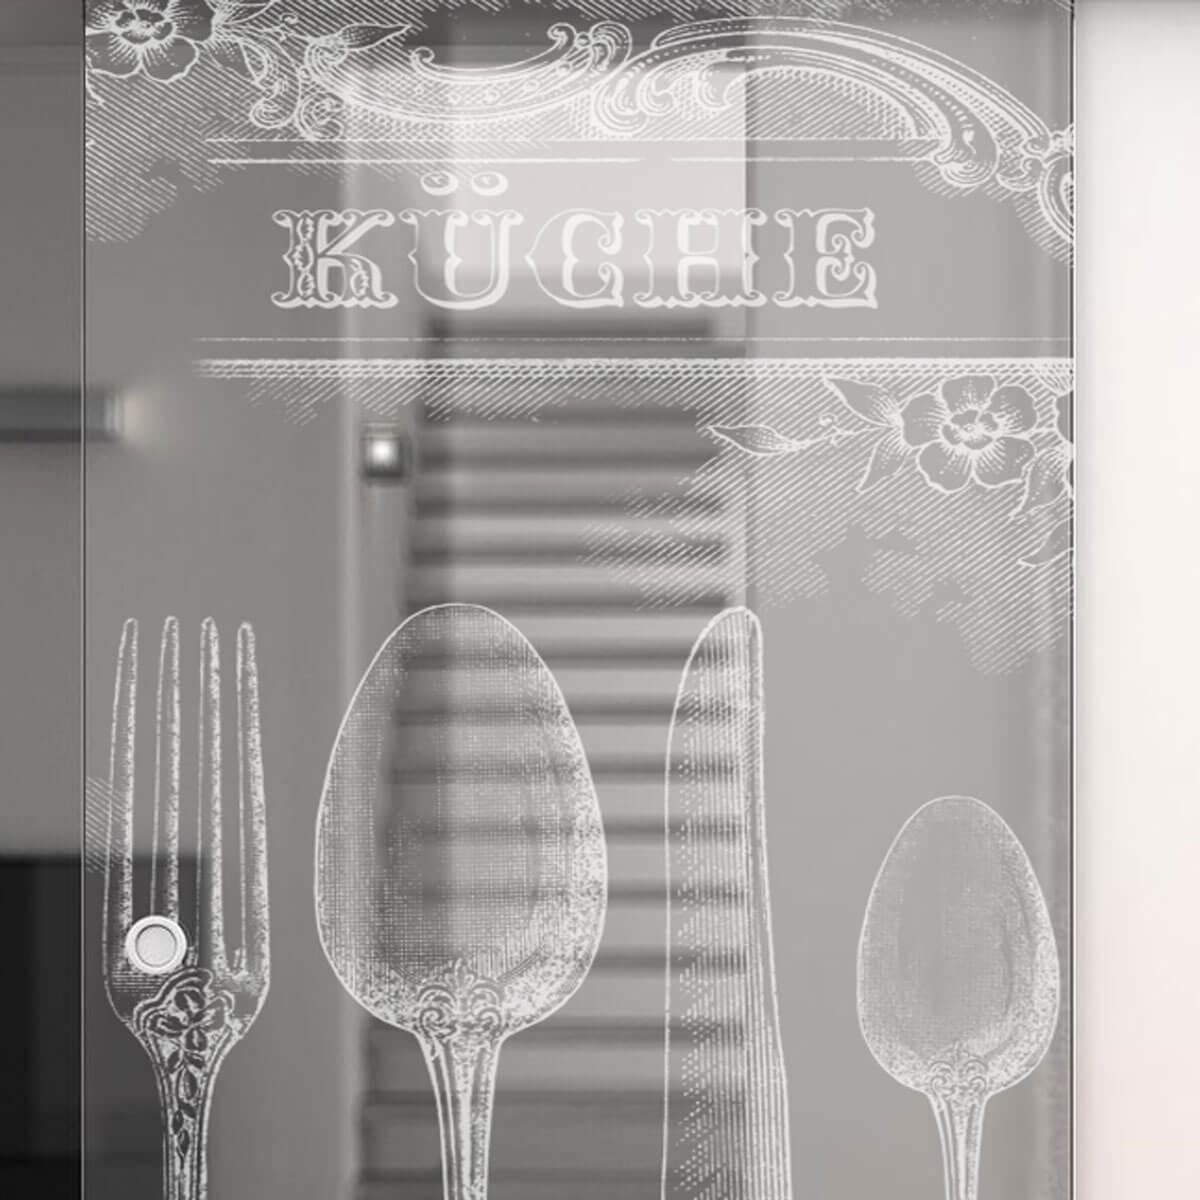 Glasschiebetür gelasert mit Motiv Retro Küche 989705806